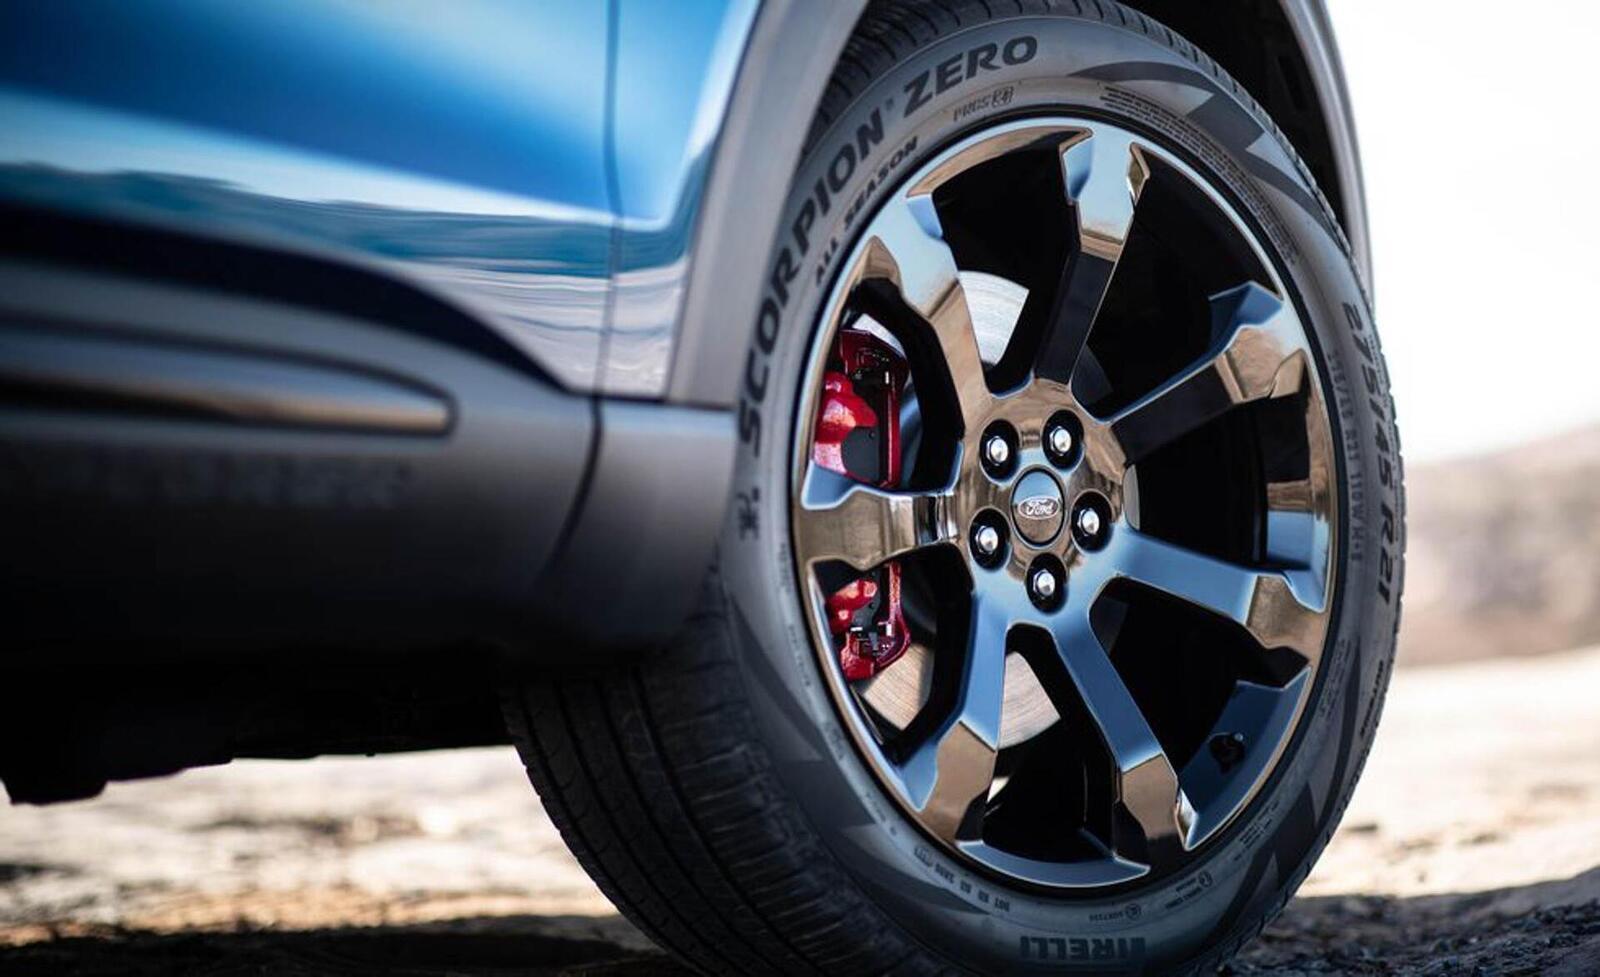 Ford giới thiệu Explorer ST 2020: Phiên bản mạnh nhất lắp máy V6 3.0L tăng áp 400 mã lực - Hình 26